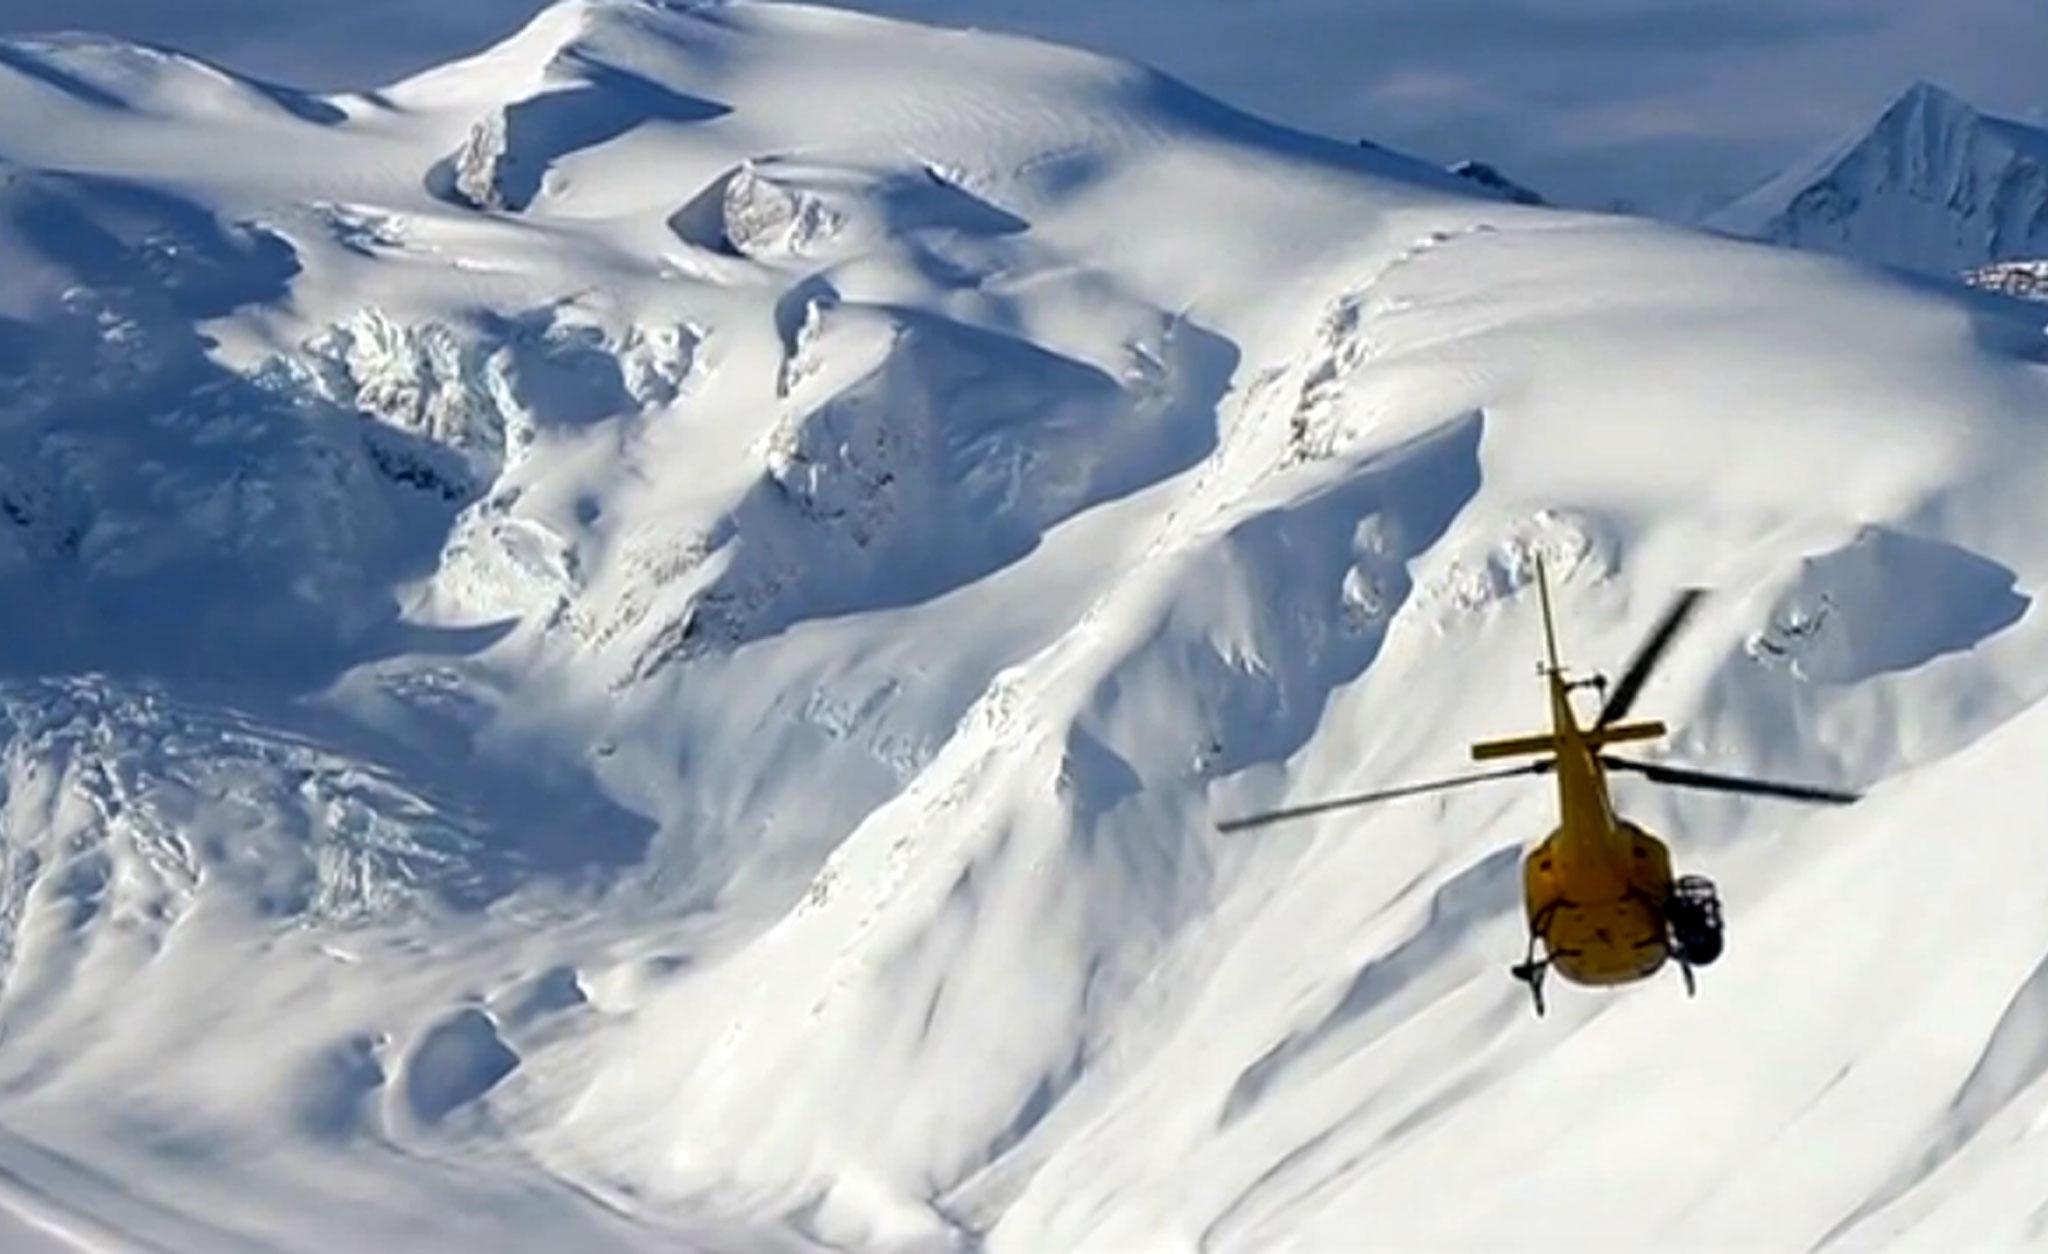 Last Frontier Heliskiing in British Columbia.